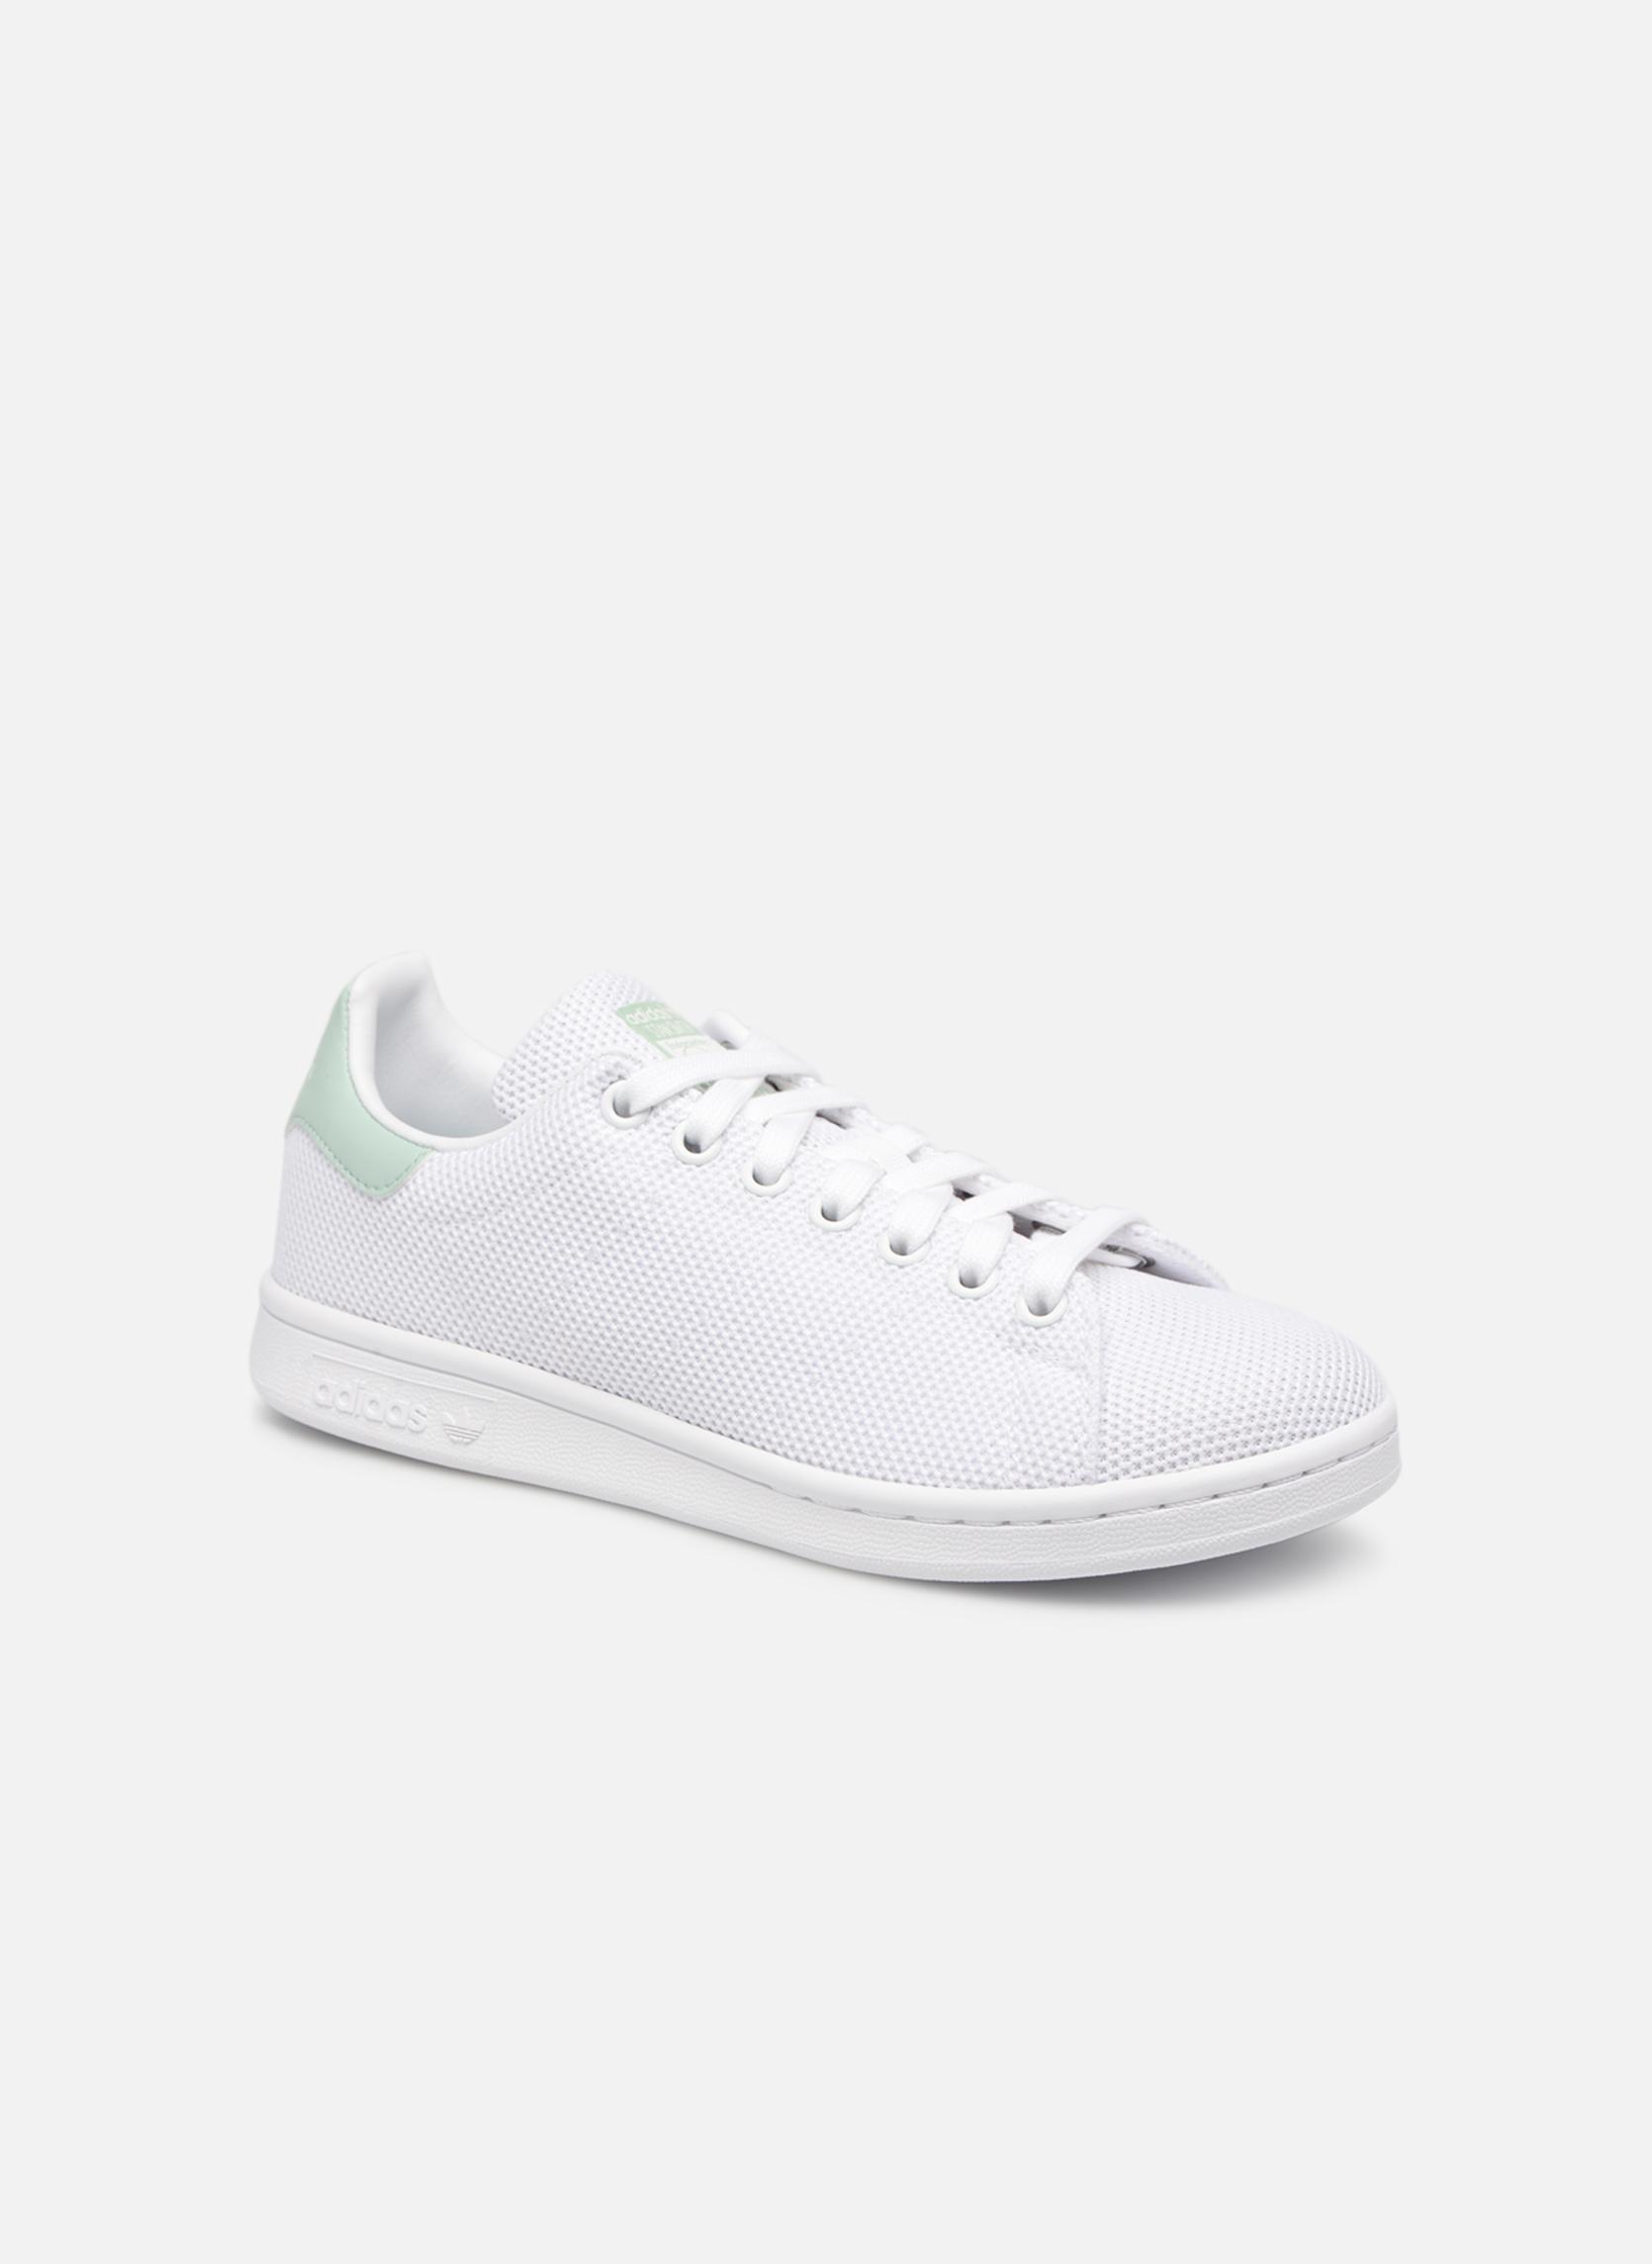 Adidas Originals Stan Smith W Wit groothandel XOjikHPCD